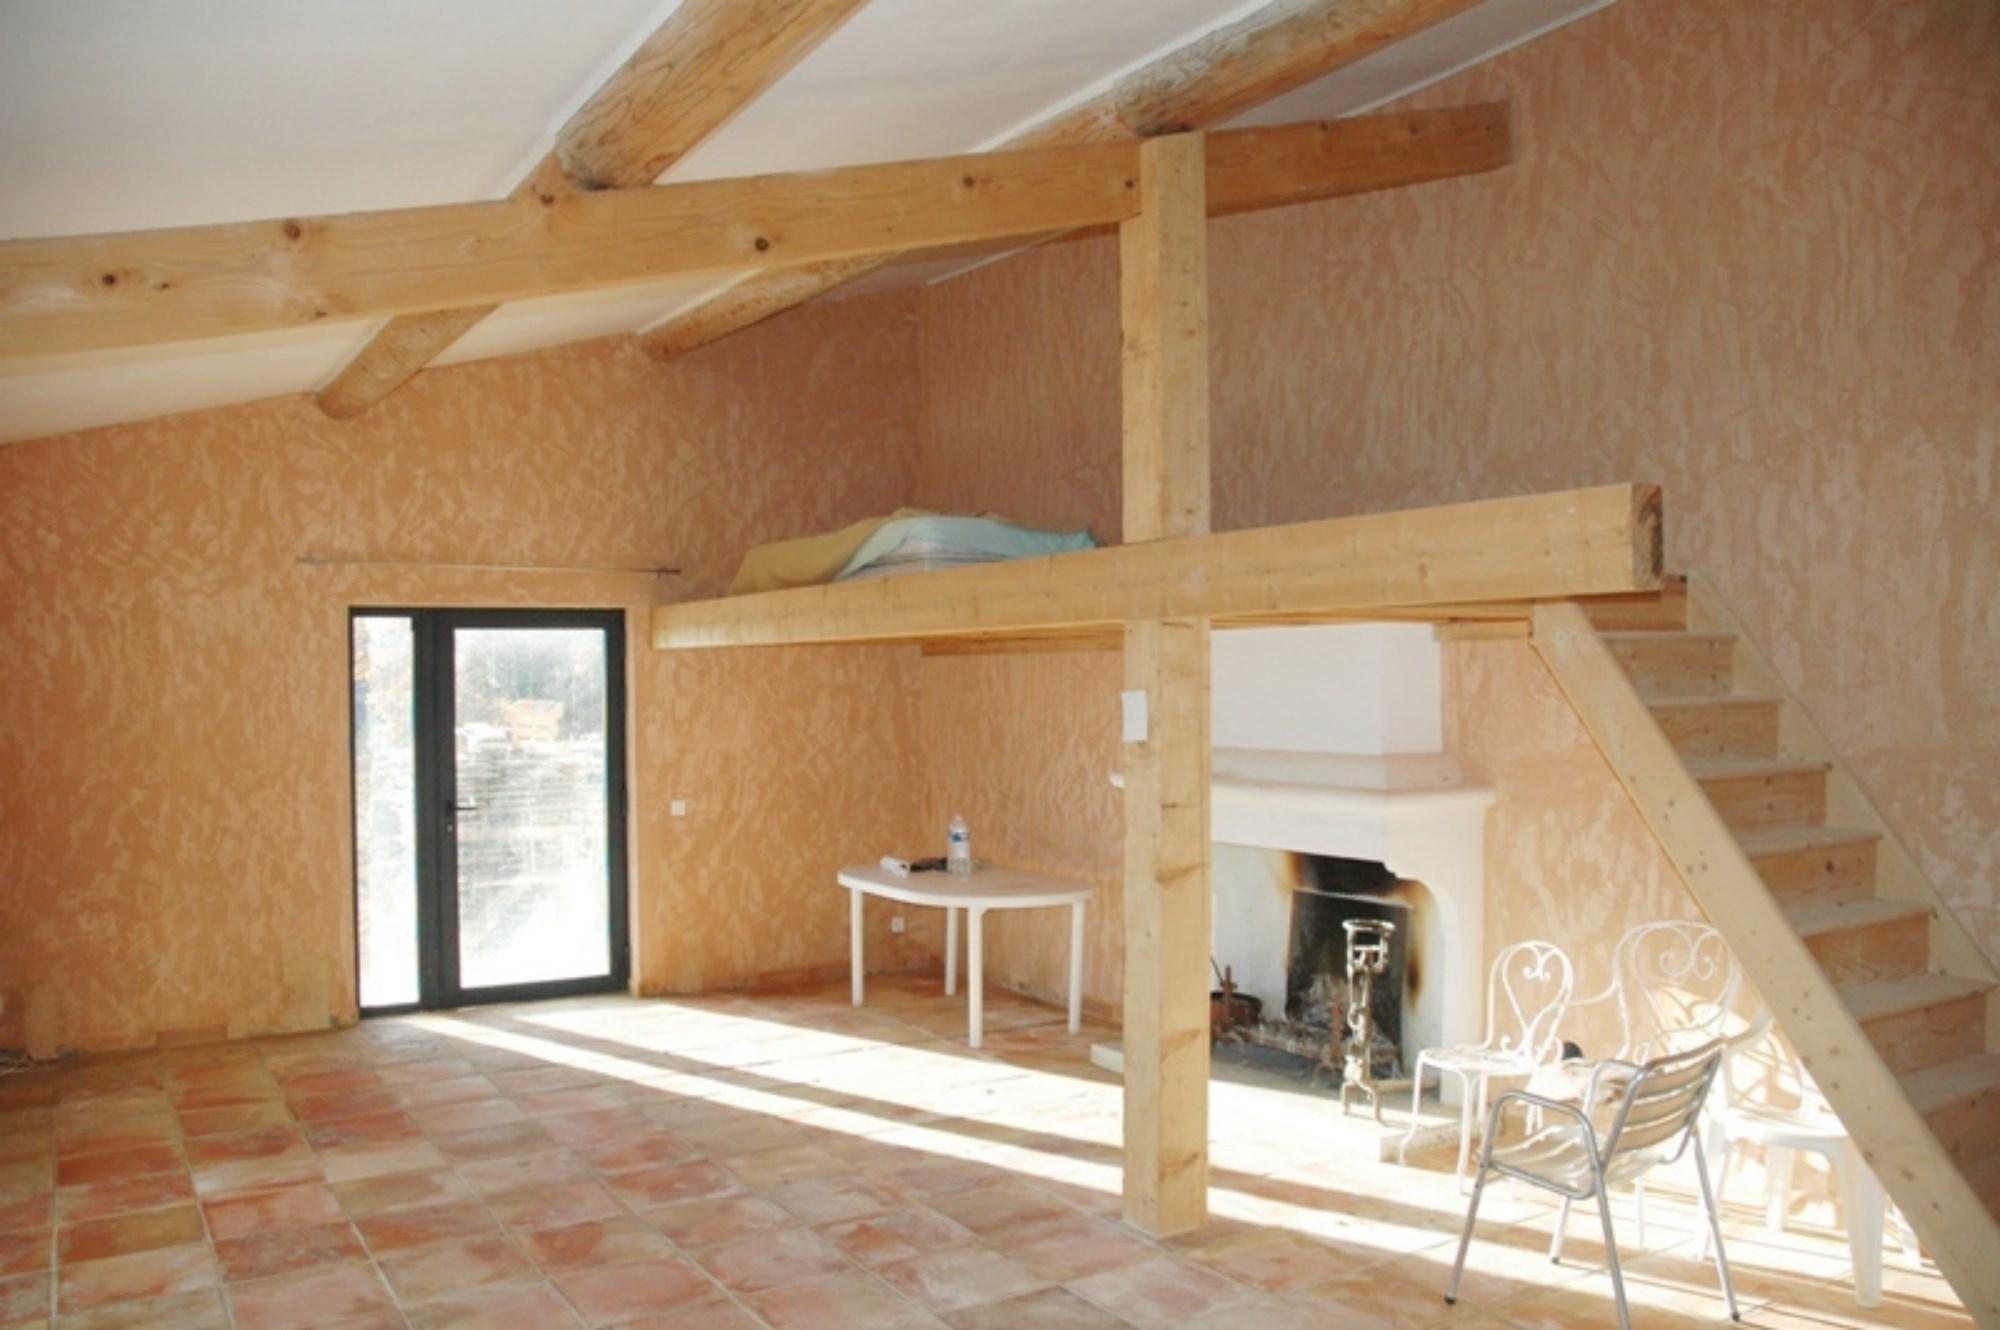 A vendre, Luberon, maison de plain pied, studio et maison d'amis avec vue